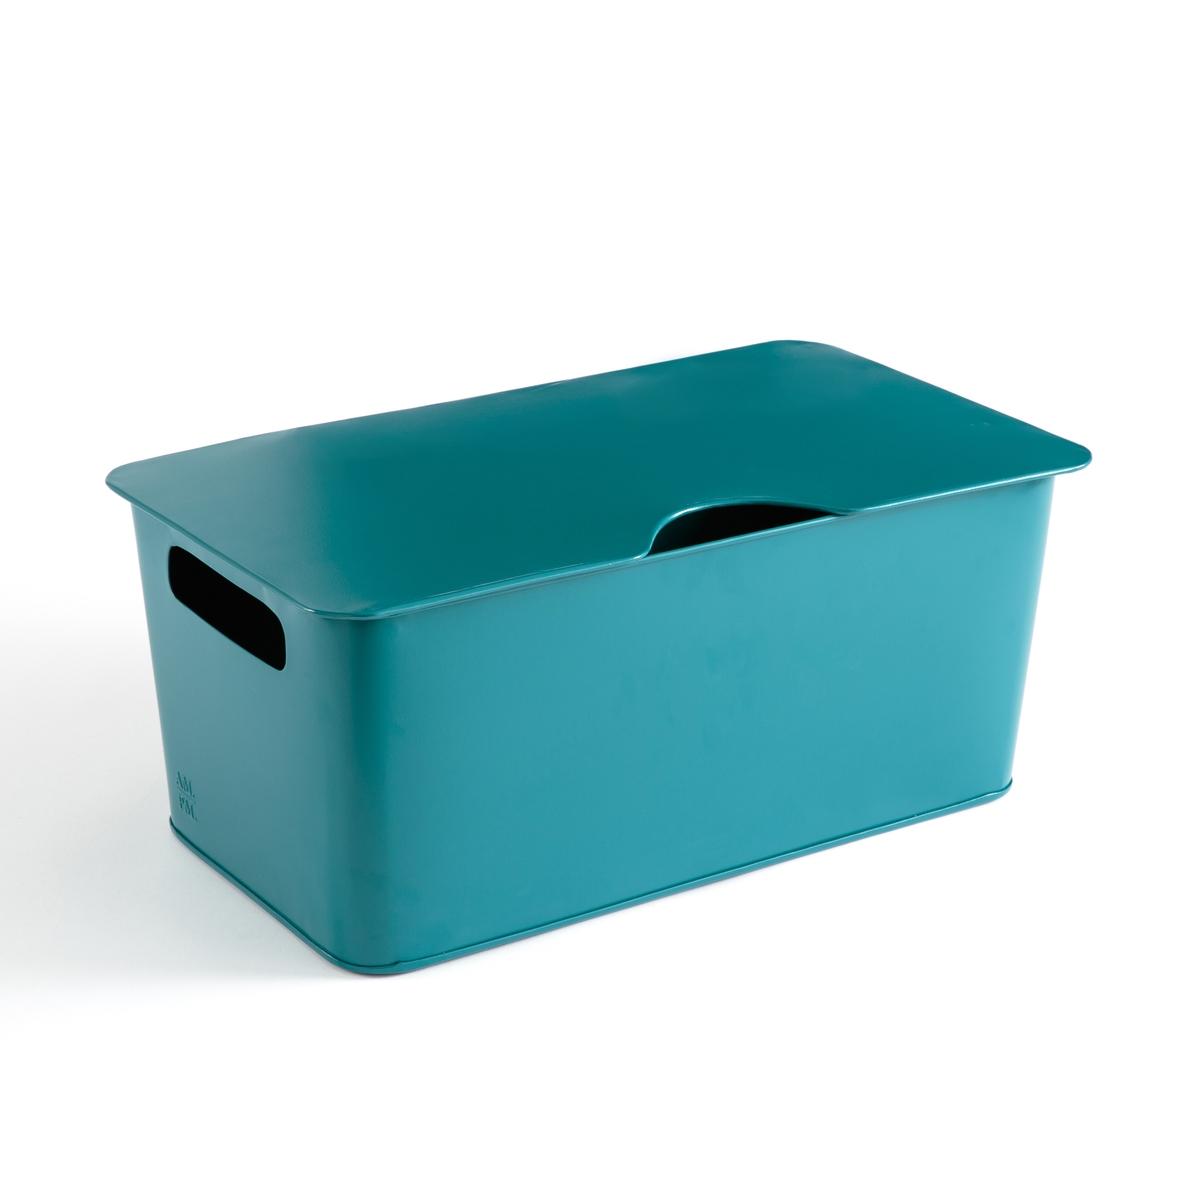 Фото - Ящик LaRedoute La Redoute единый размер синий набор la redoute из двух металлических настенных полок watford единый размер черный